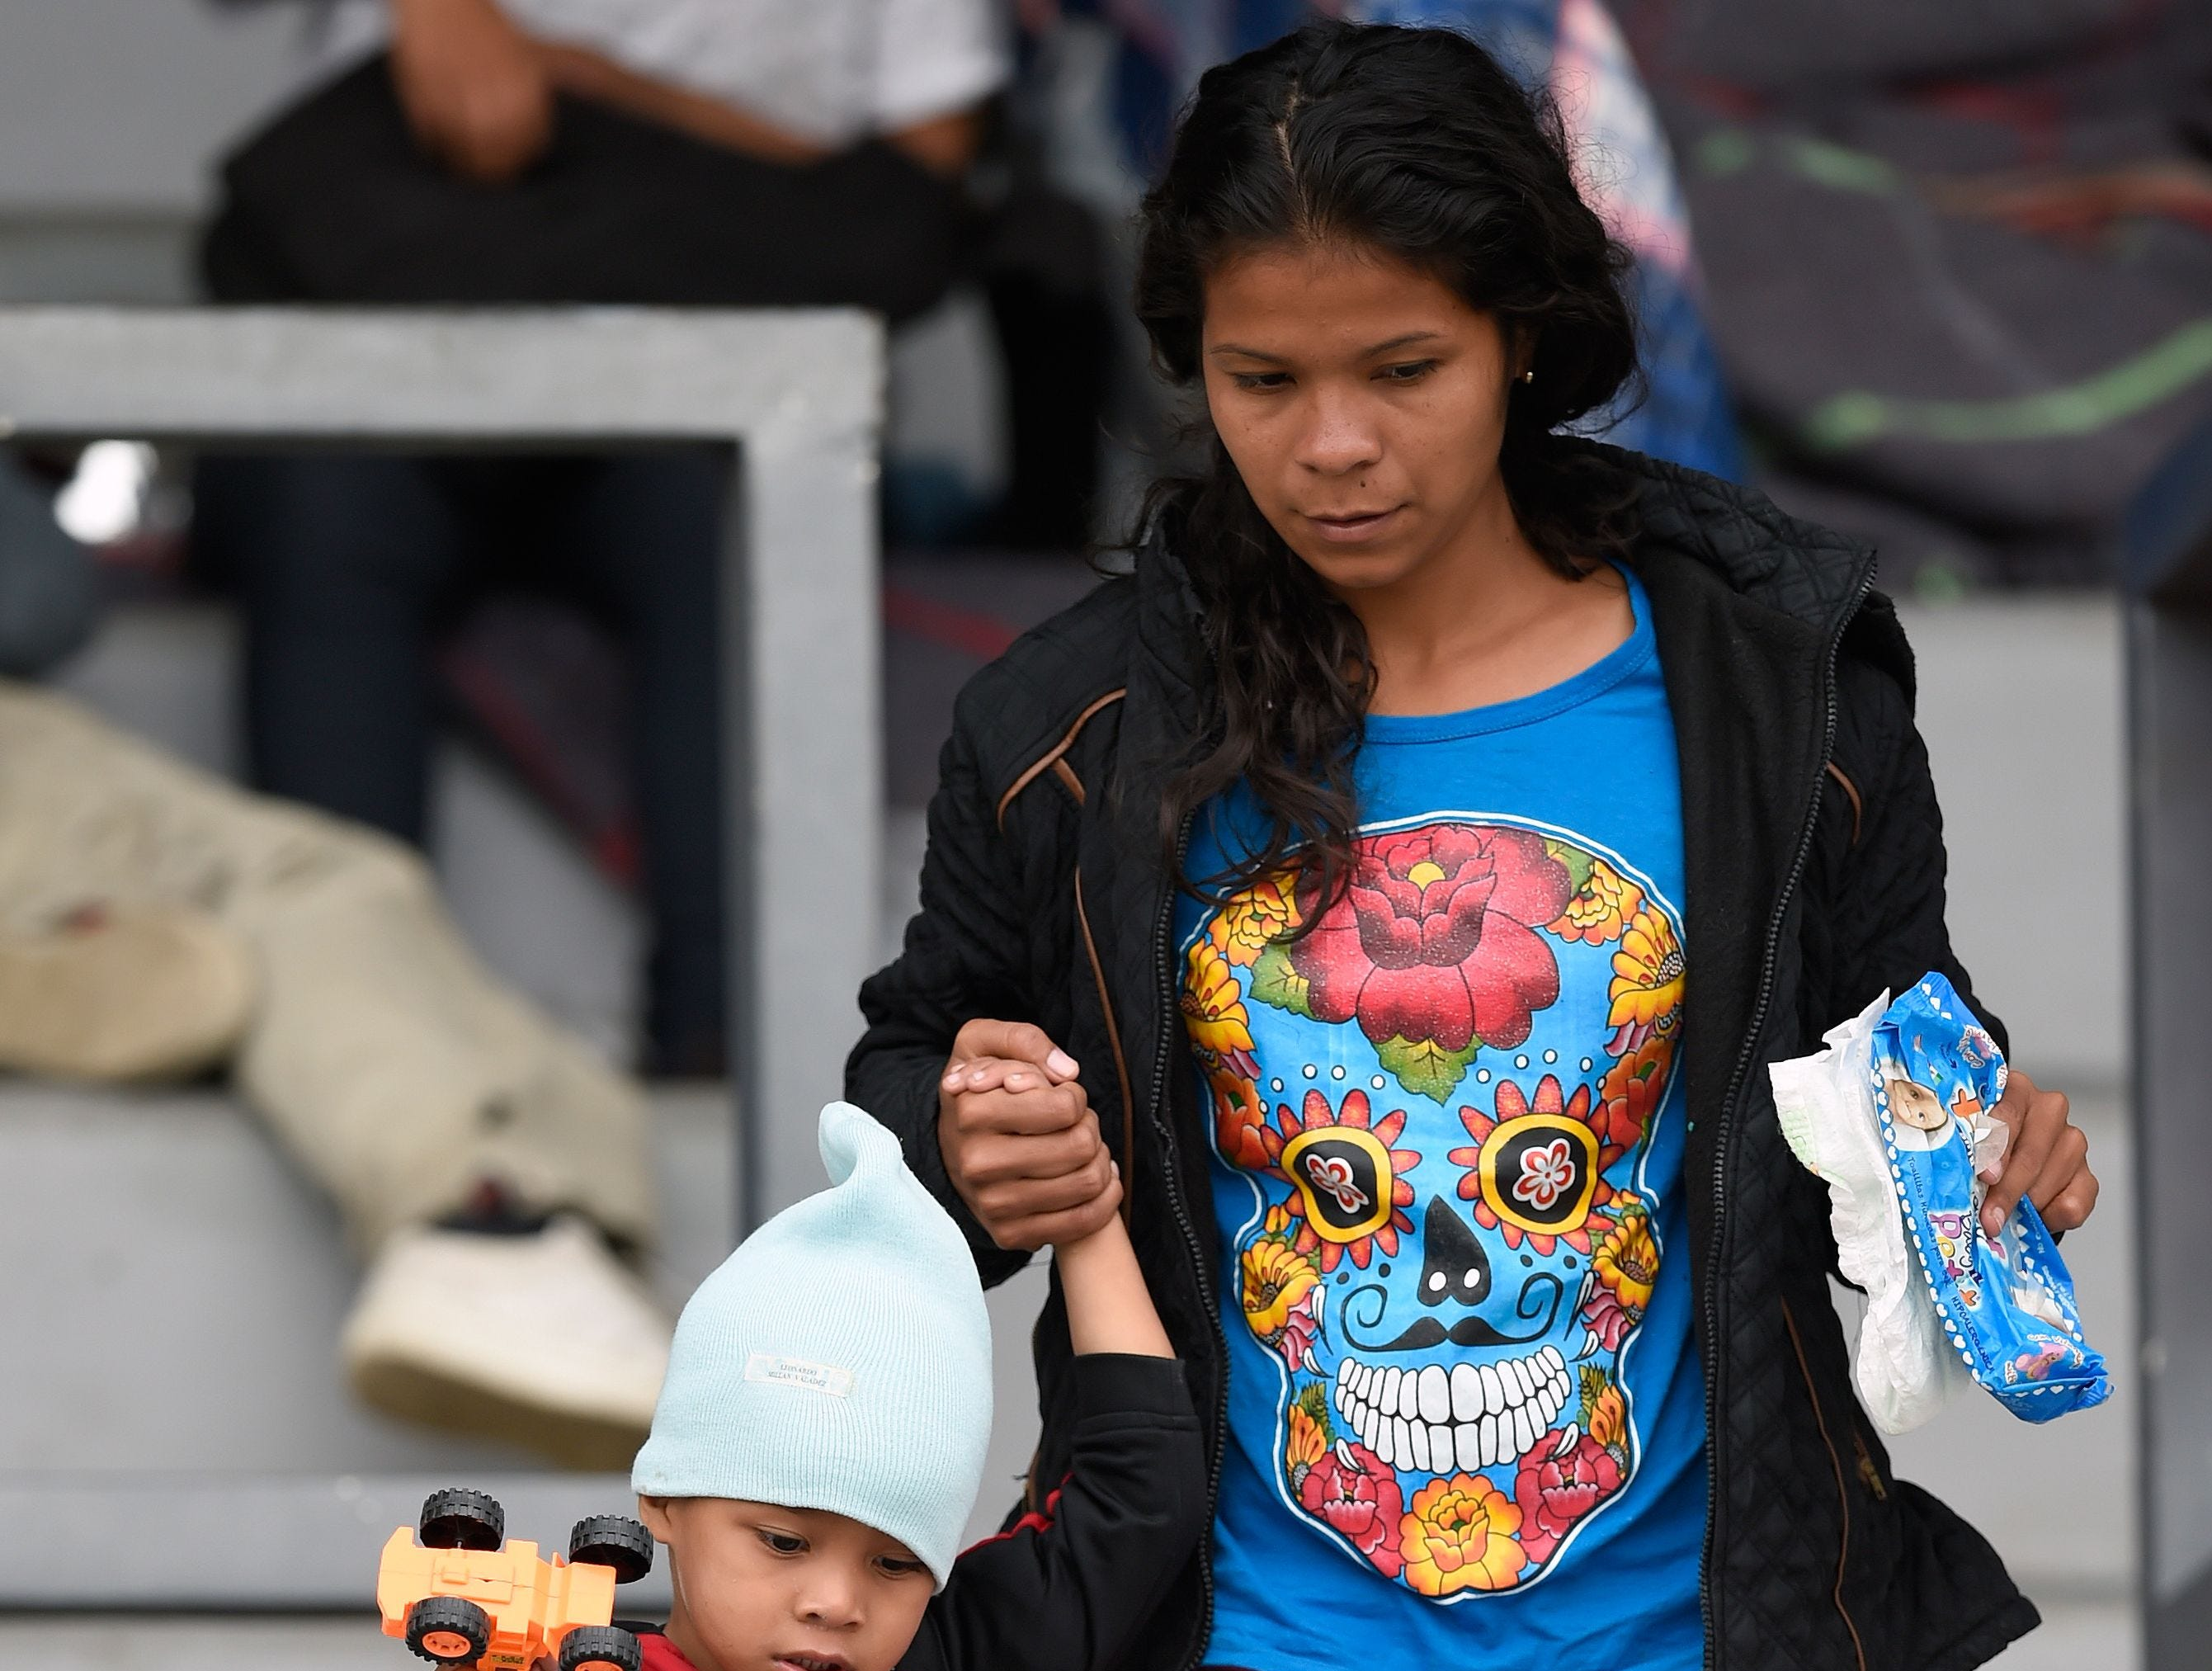 Estos son los rostros de los migrantes centroamericanos que huyen de la pobreza y violencia que se vive en sus países; y que por medio de una caravana caminan cientos de kilómetros cruzando ciudades, ríos, carreteras, bosques y fronteras, con el firme propósito de hacer realidad su sueño de llegar a los Estados Unidos.